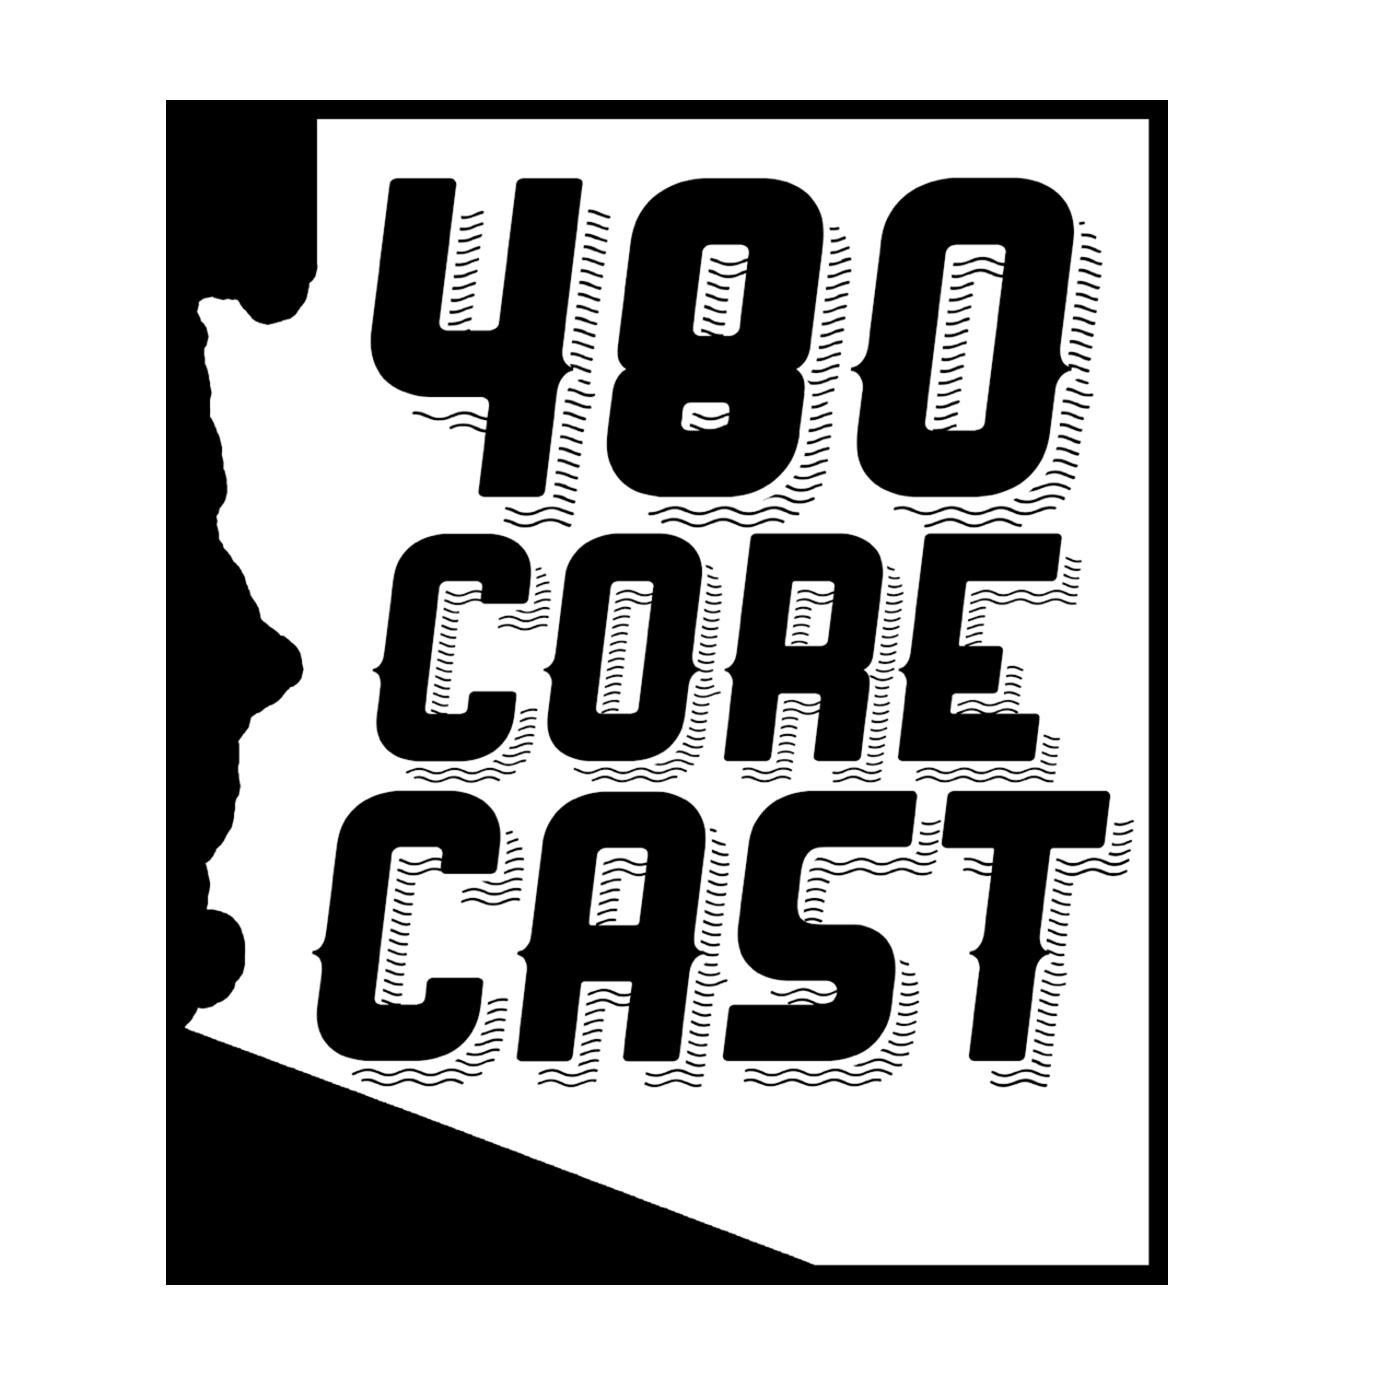 480 Corecast